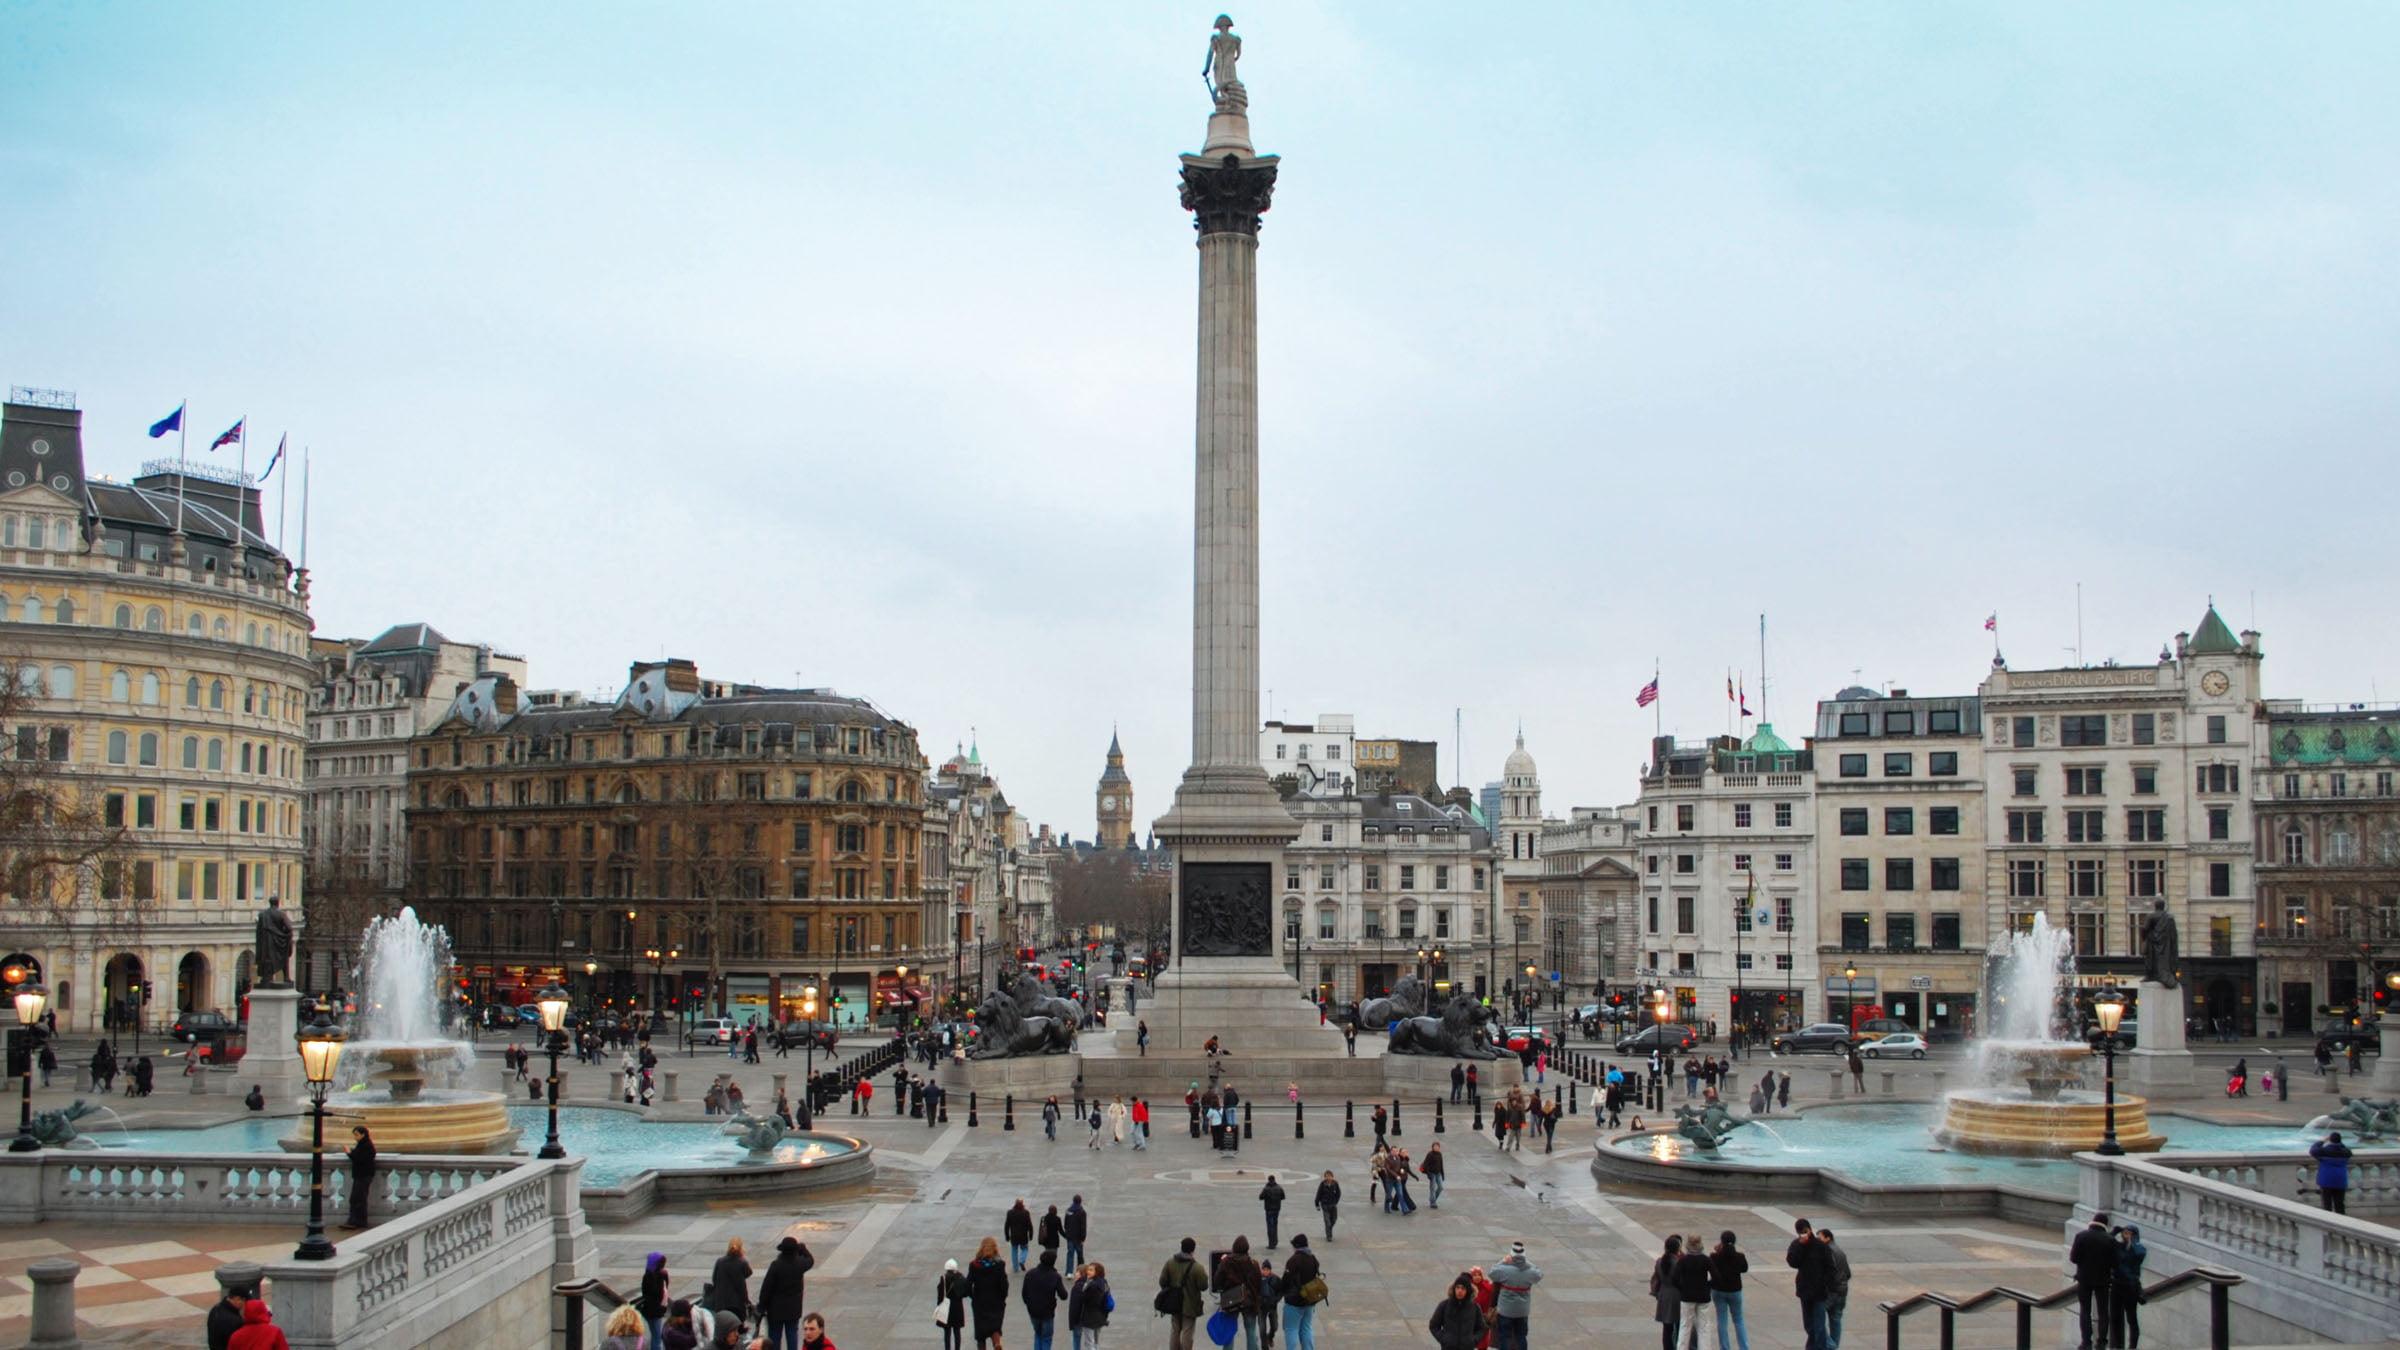 Monumentos de Inglaterra Trafalgar Square desde la National Gallery